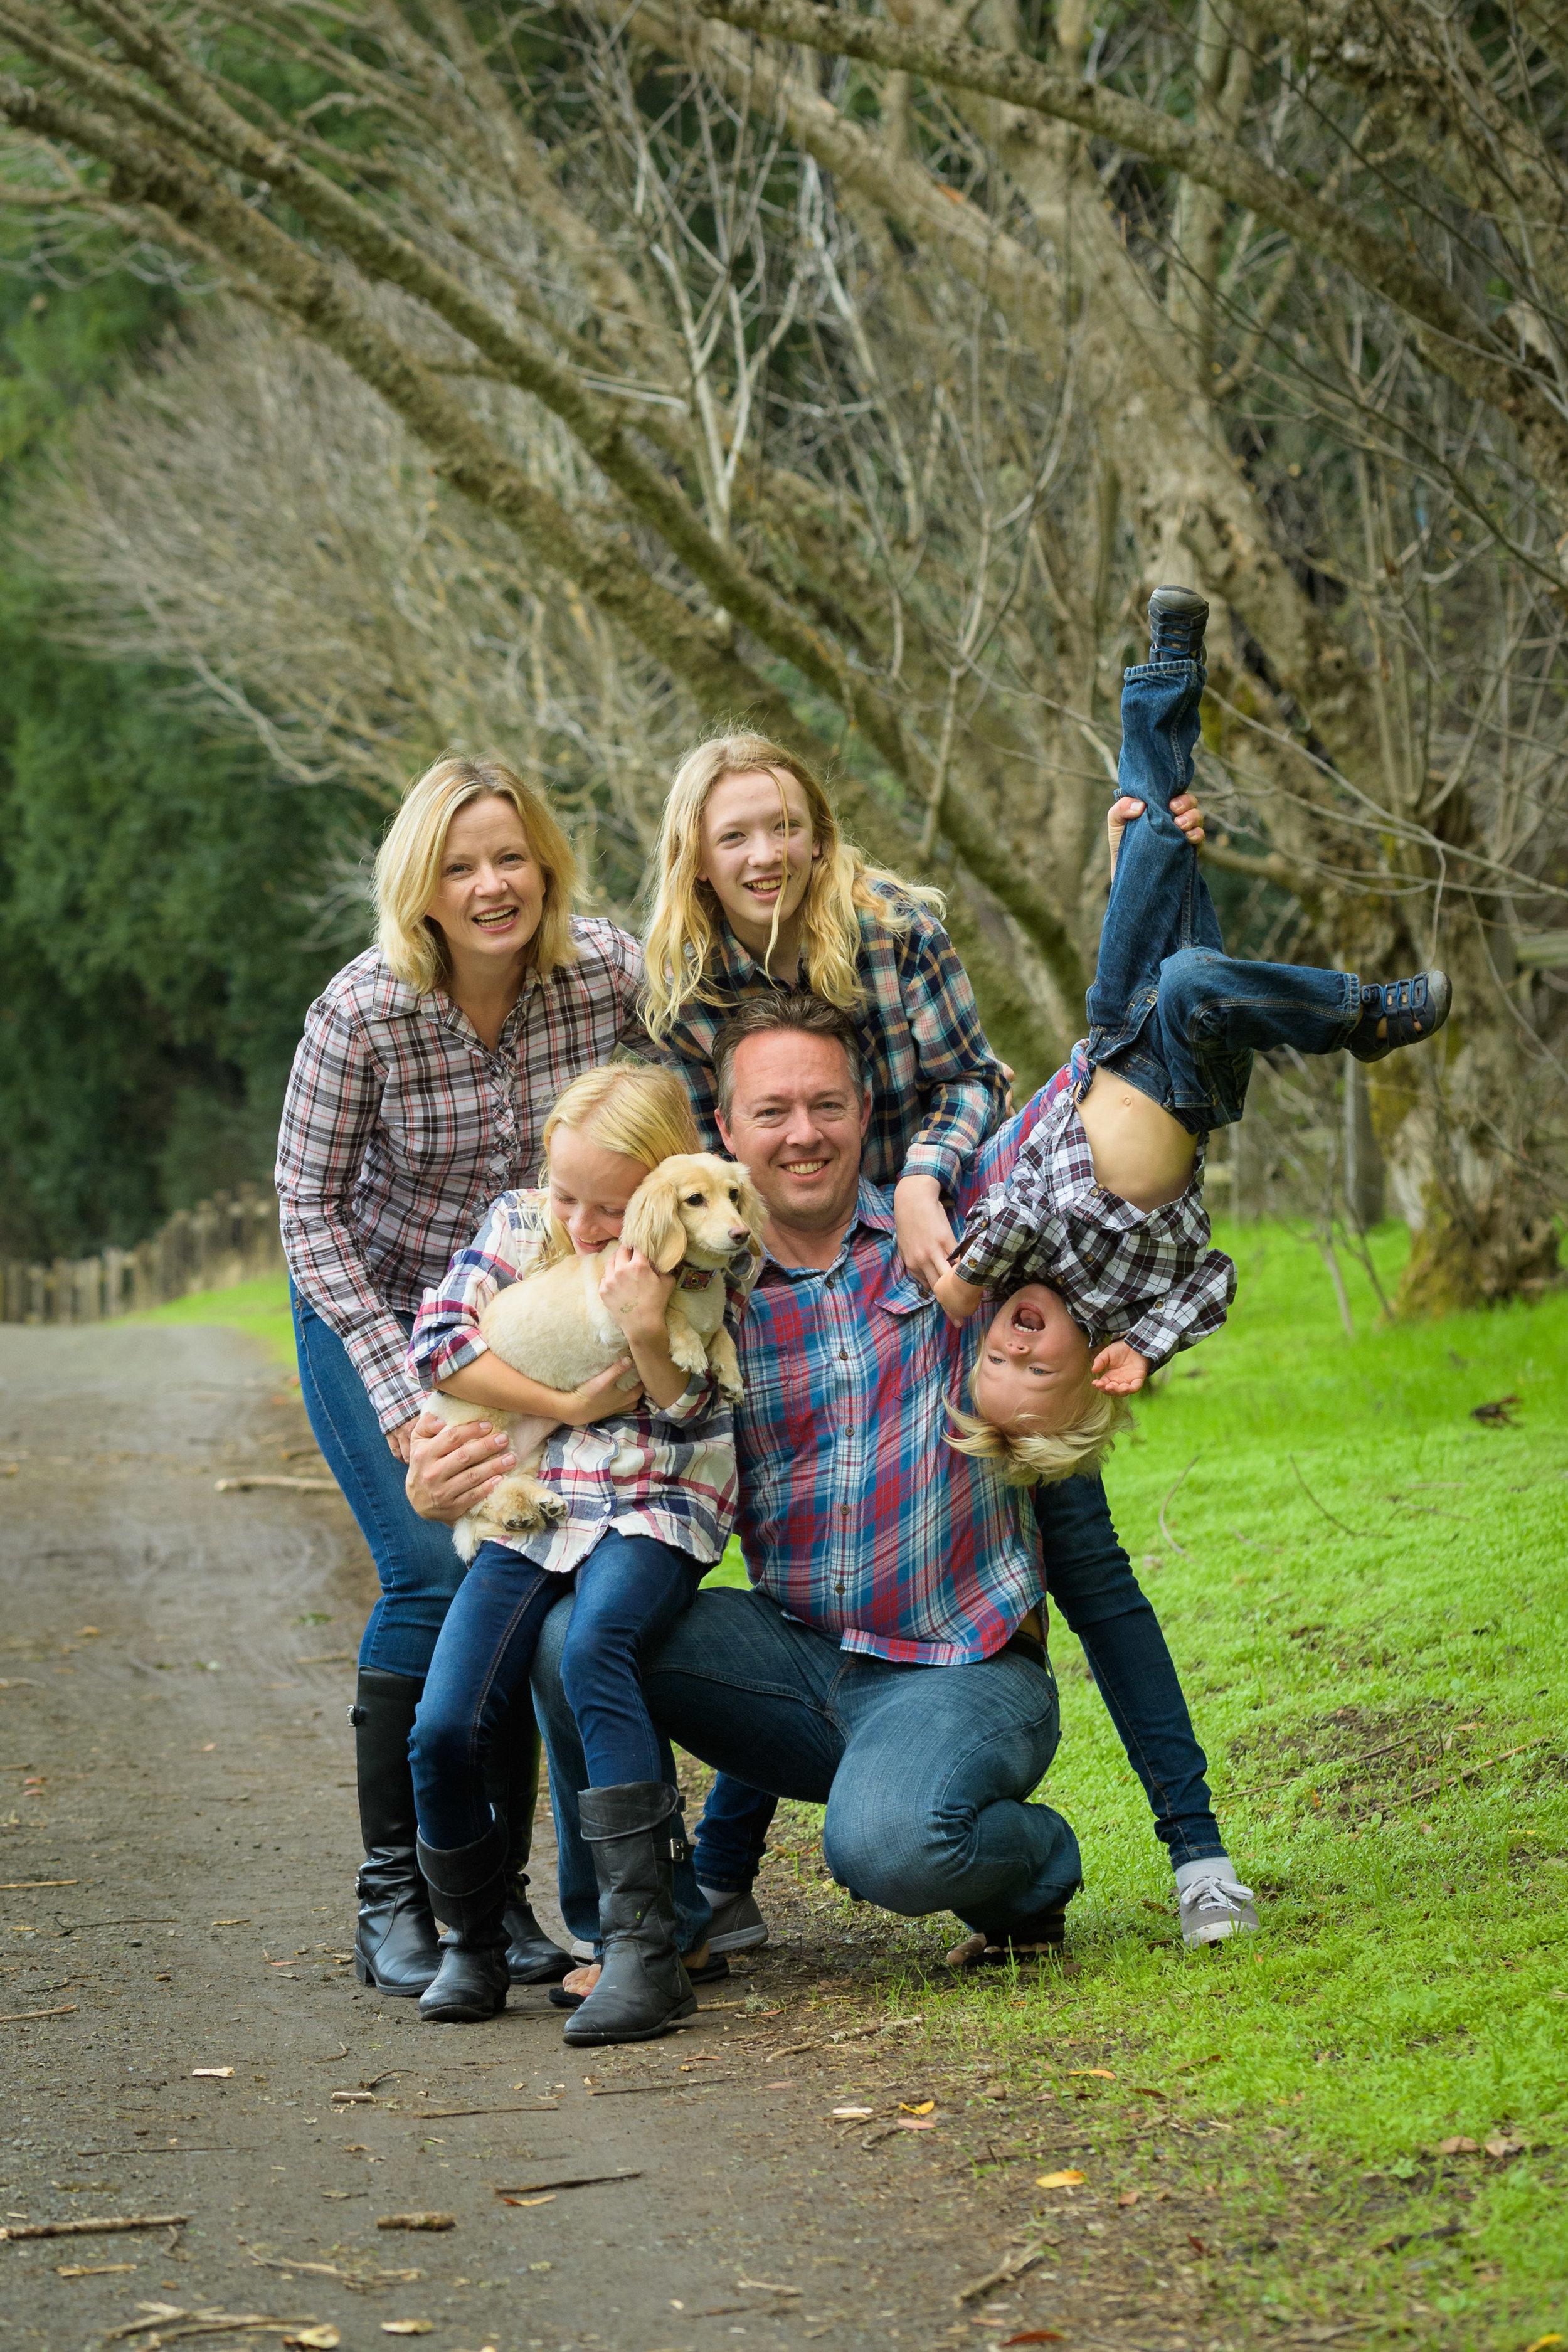 6373_Schmauch_Family_Portraits_Hidden_Villa_Los_Altos_Hills.jpg